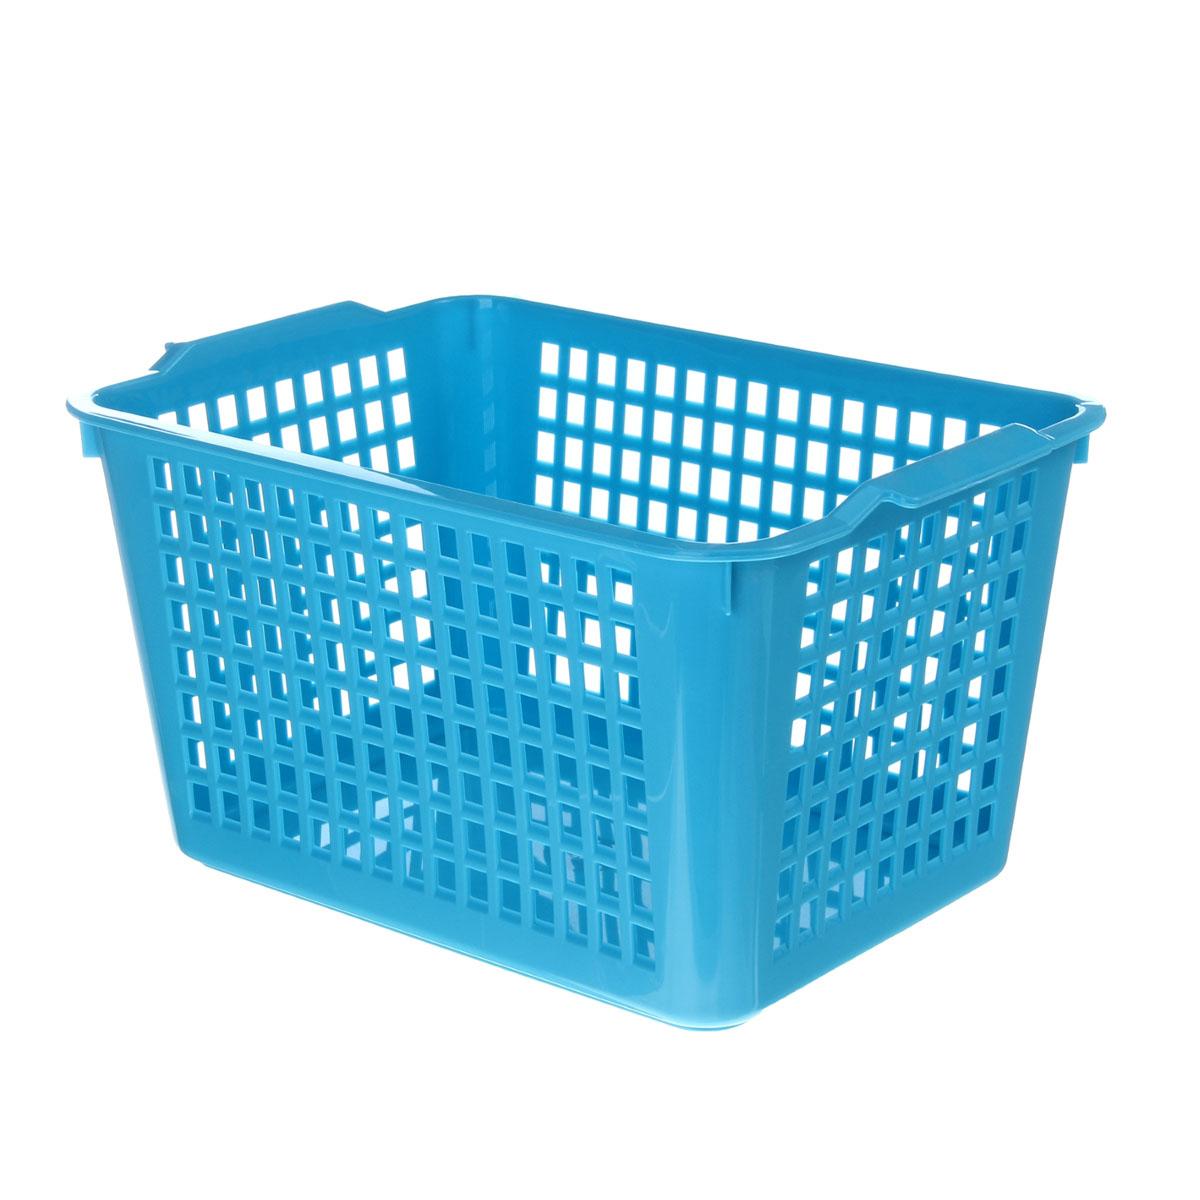 Корзинка Econova, цвет: голубой, 27 х 19 х 14,5 см718341Корзинка Econova, изготовленная из высококачественного прочного пластика, предназначена для хранения мелочей в ванной, на кухне, даче или гараже. Изделие оснащено двумя удобными ручками.Это легкая корзина со сплошным дном, жесткой кромкой и небольшими отверстиями позволяет хранить мелкие вещи, исключая возможность их потери.